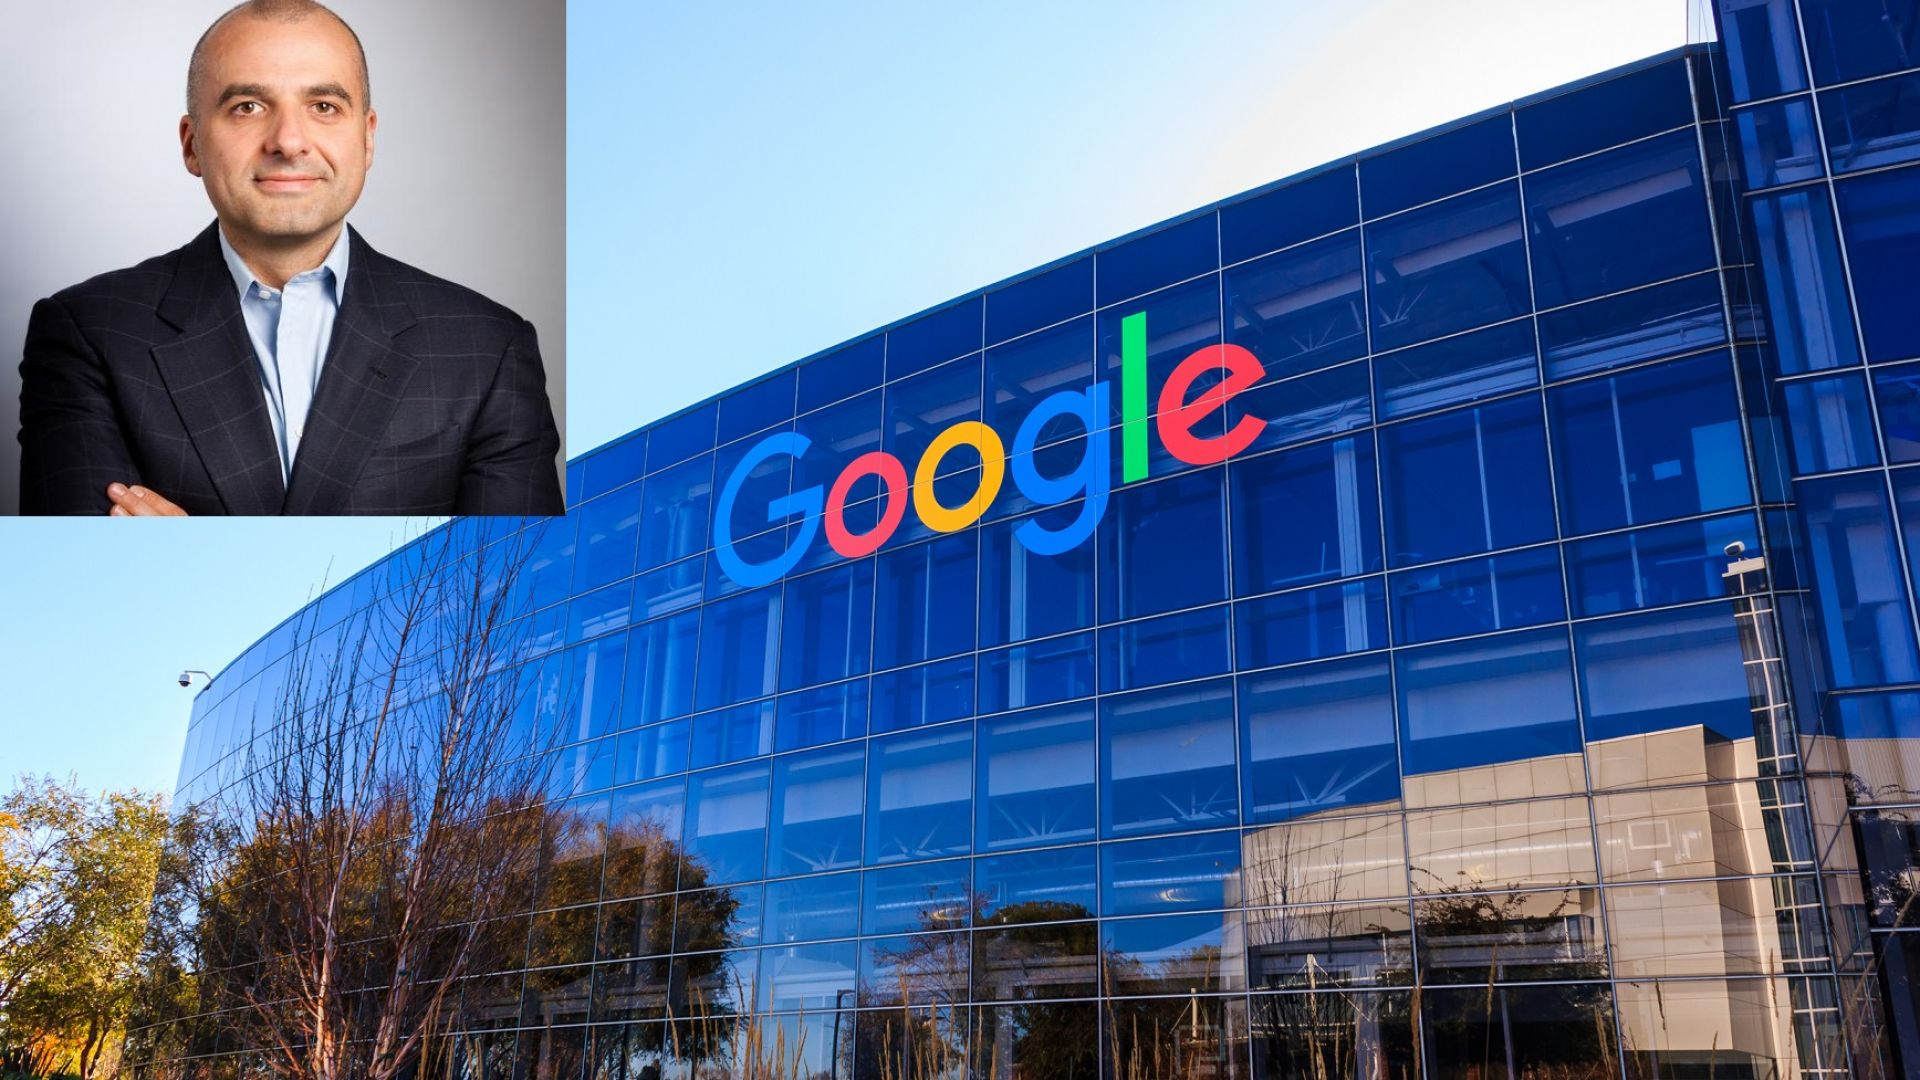 Българин, вицепрезидент в Google, става почетен консул в Силициевата долина